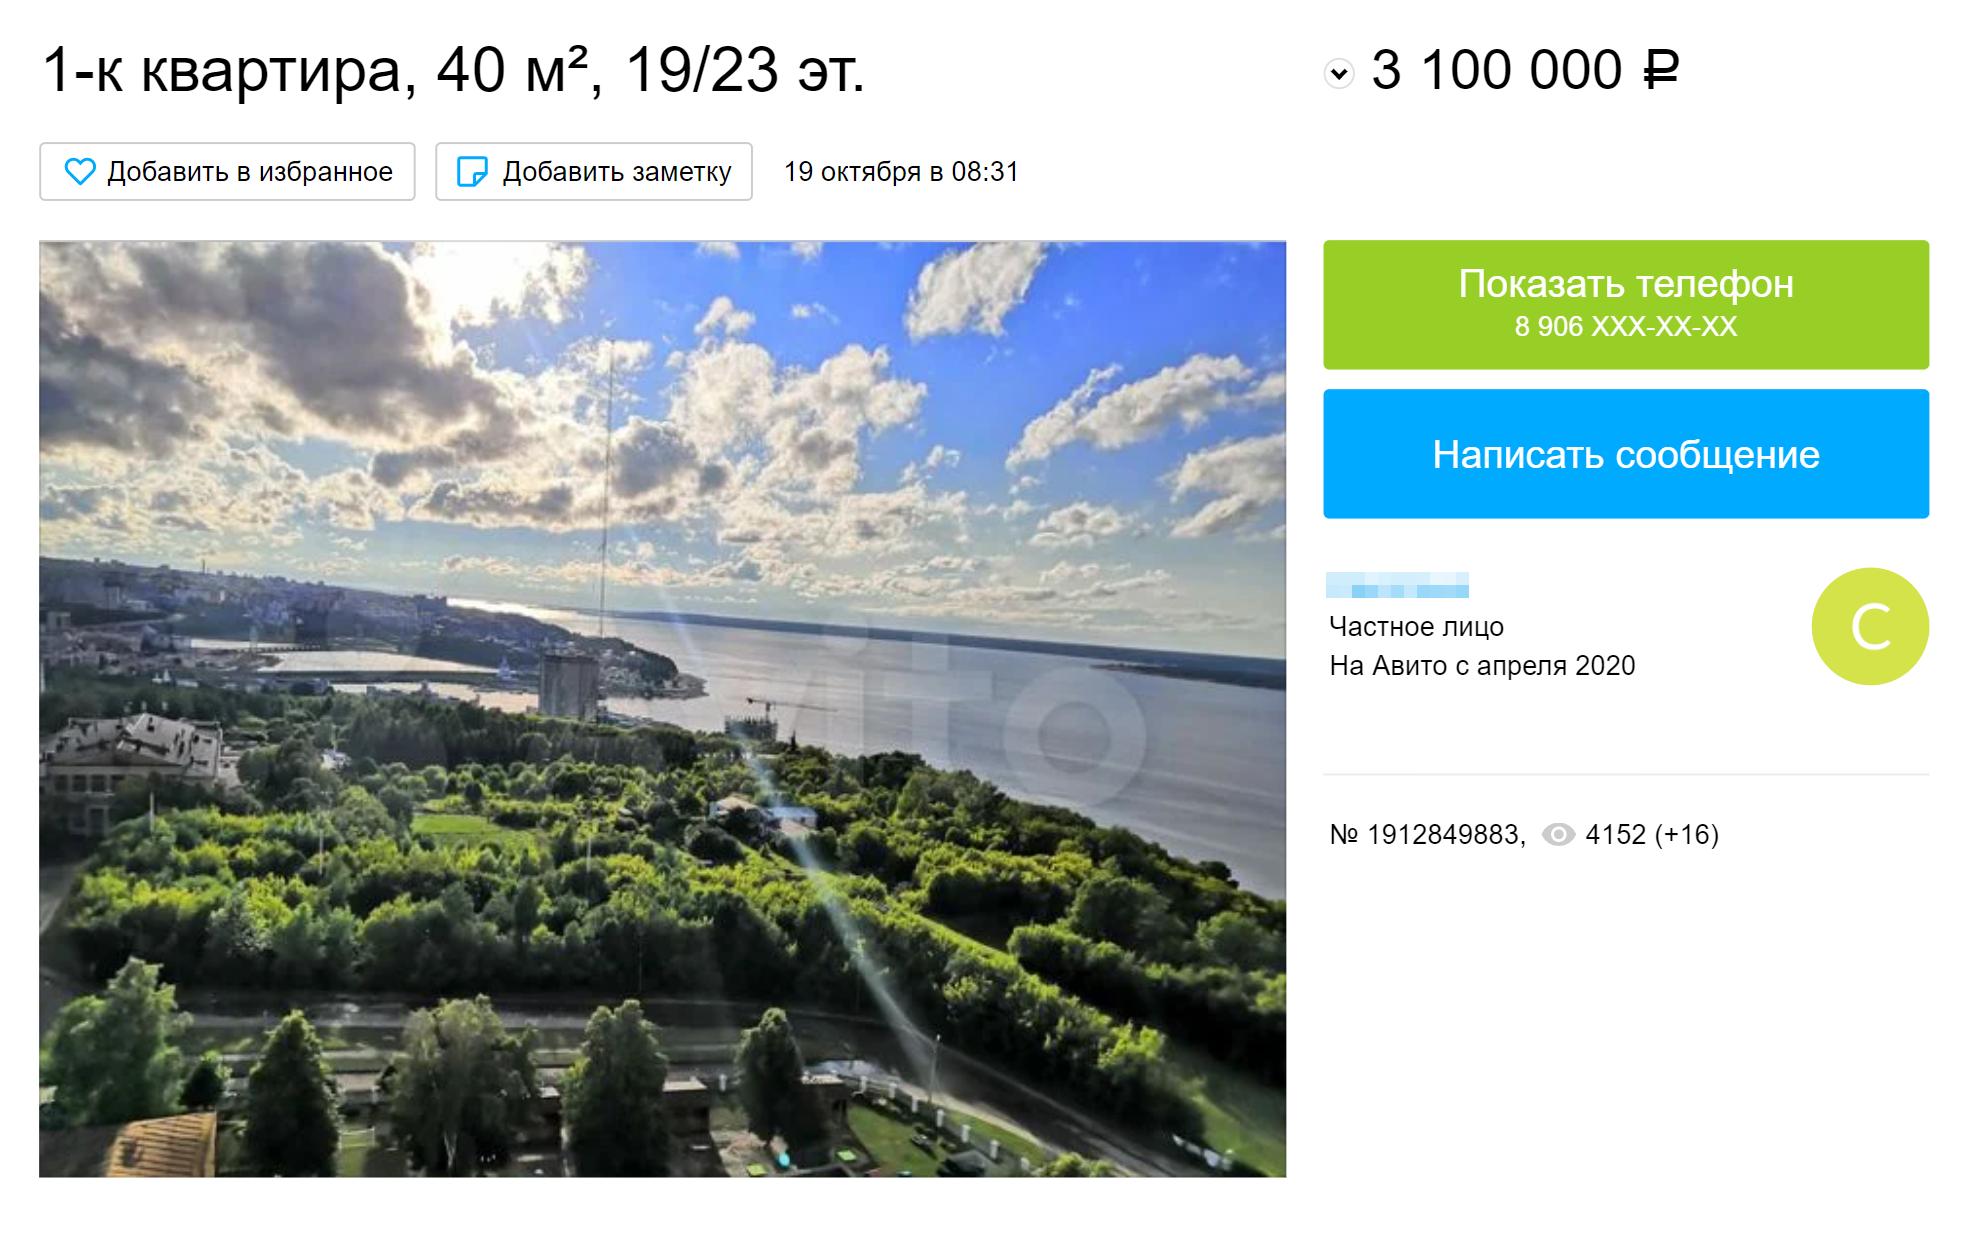 Новая однокомнатная квартира врайоне ХБК свидом наВолгу безотделки продается за3миллиона